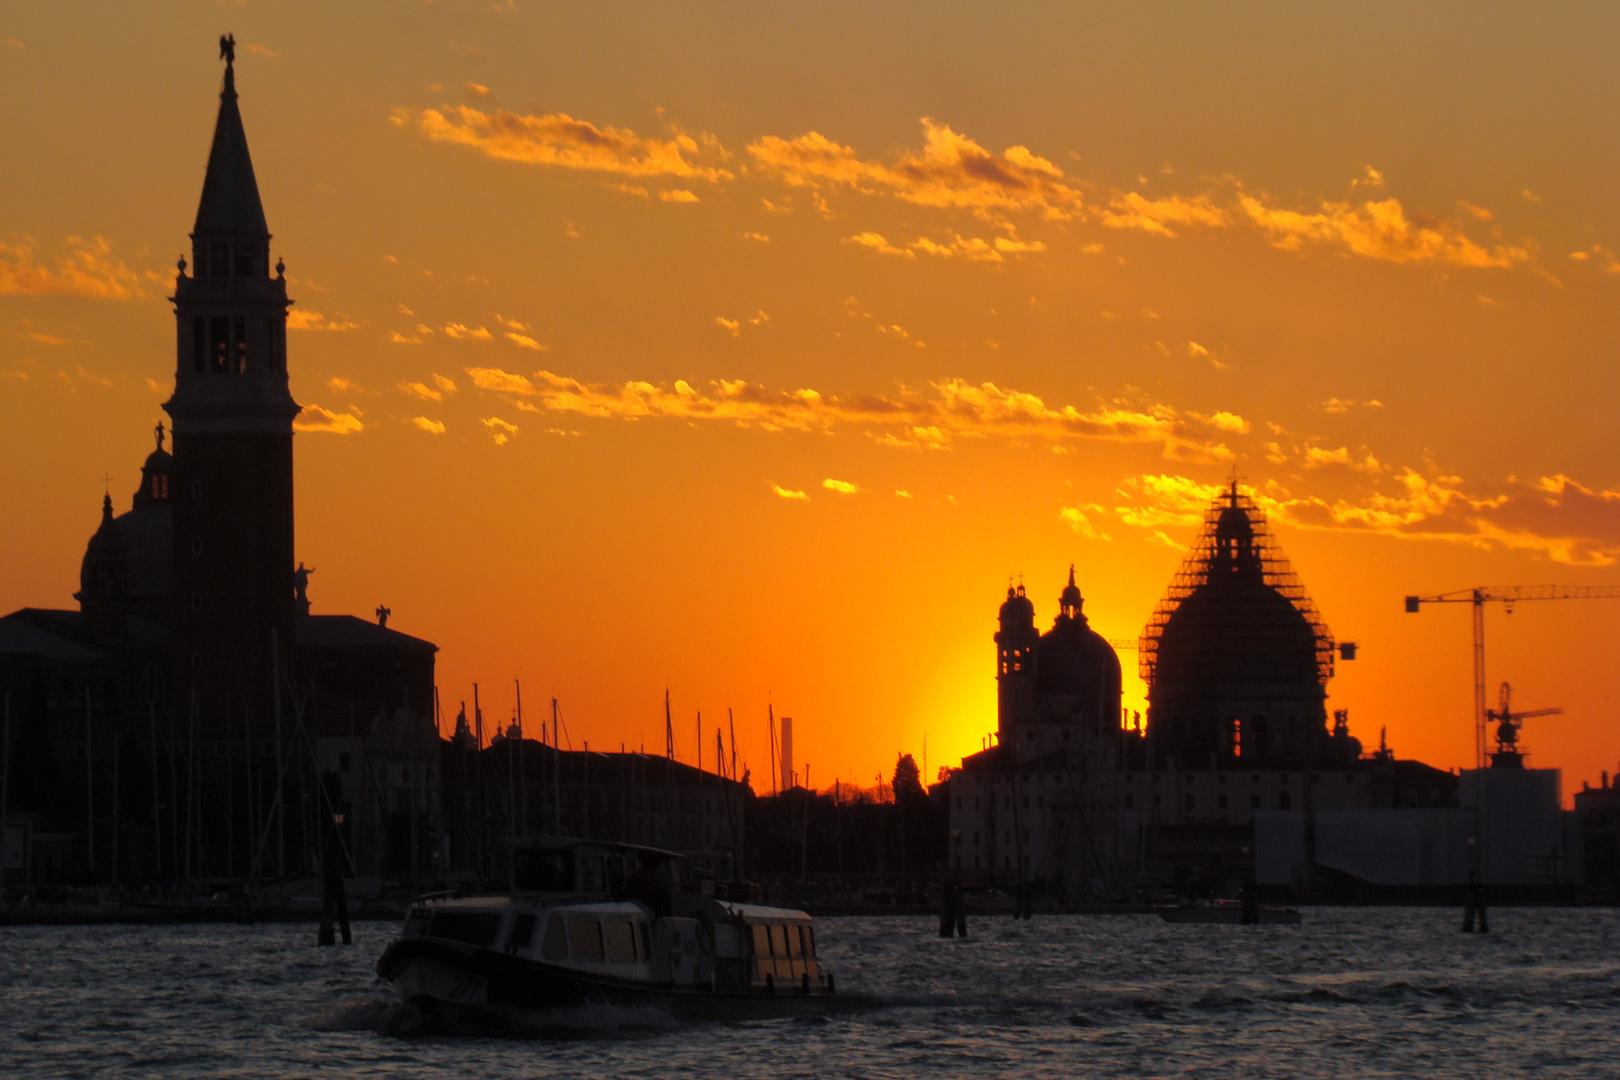 Venezia amore mio